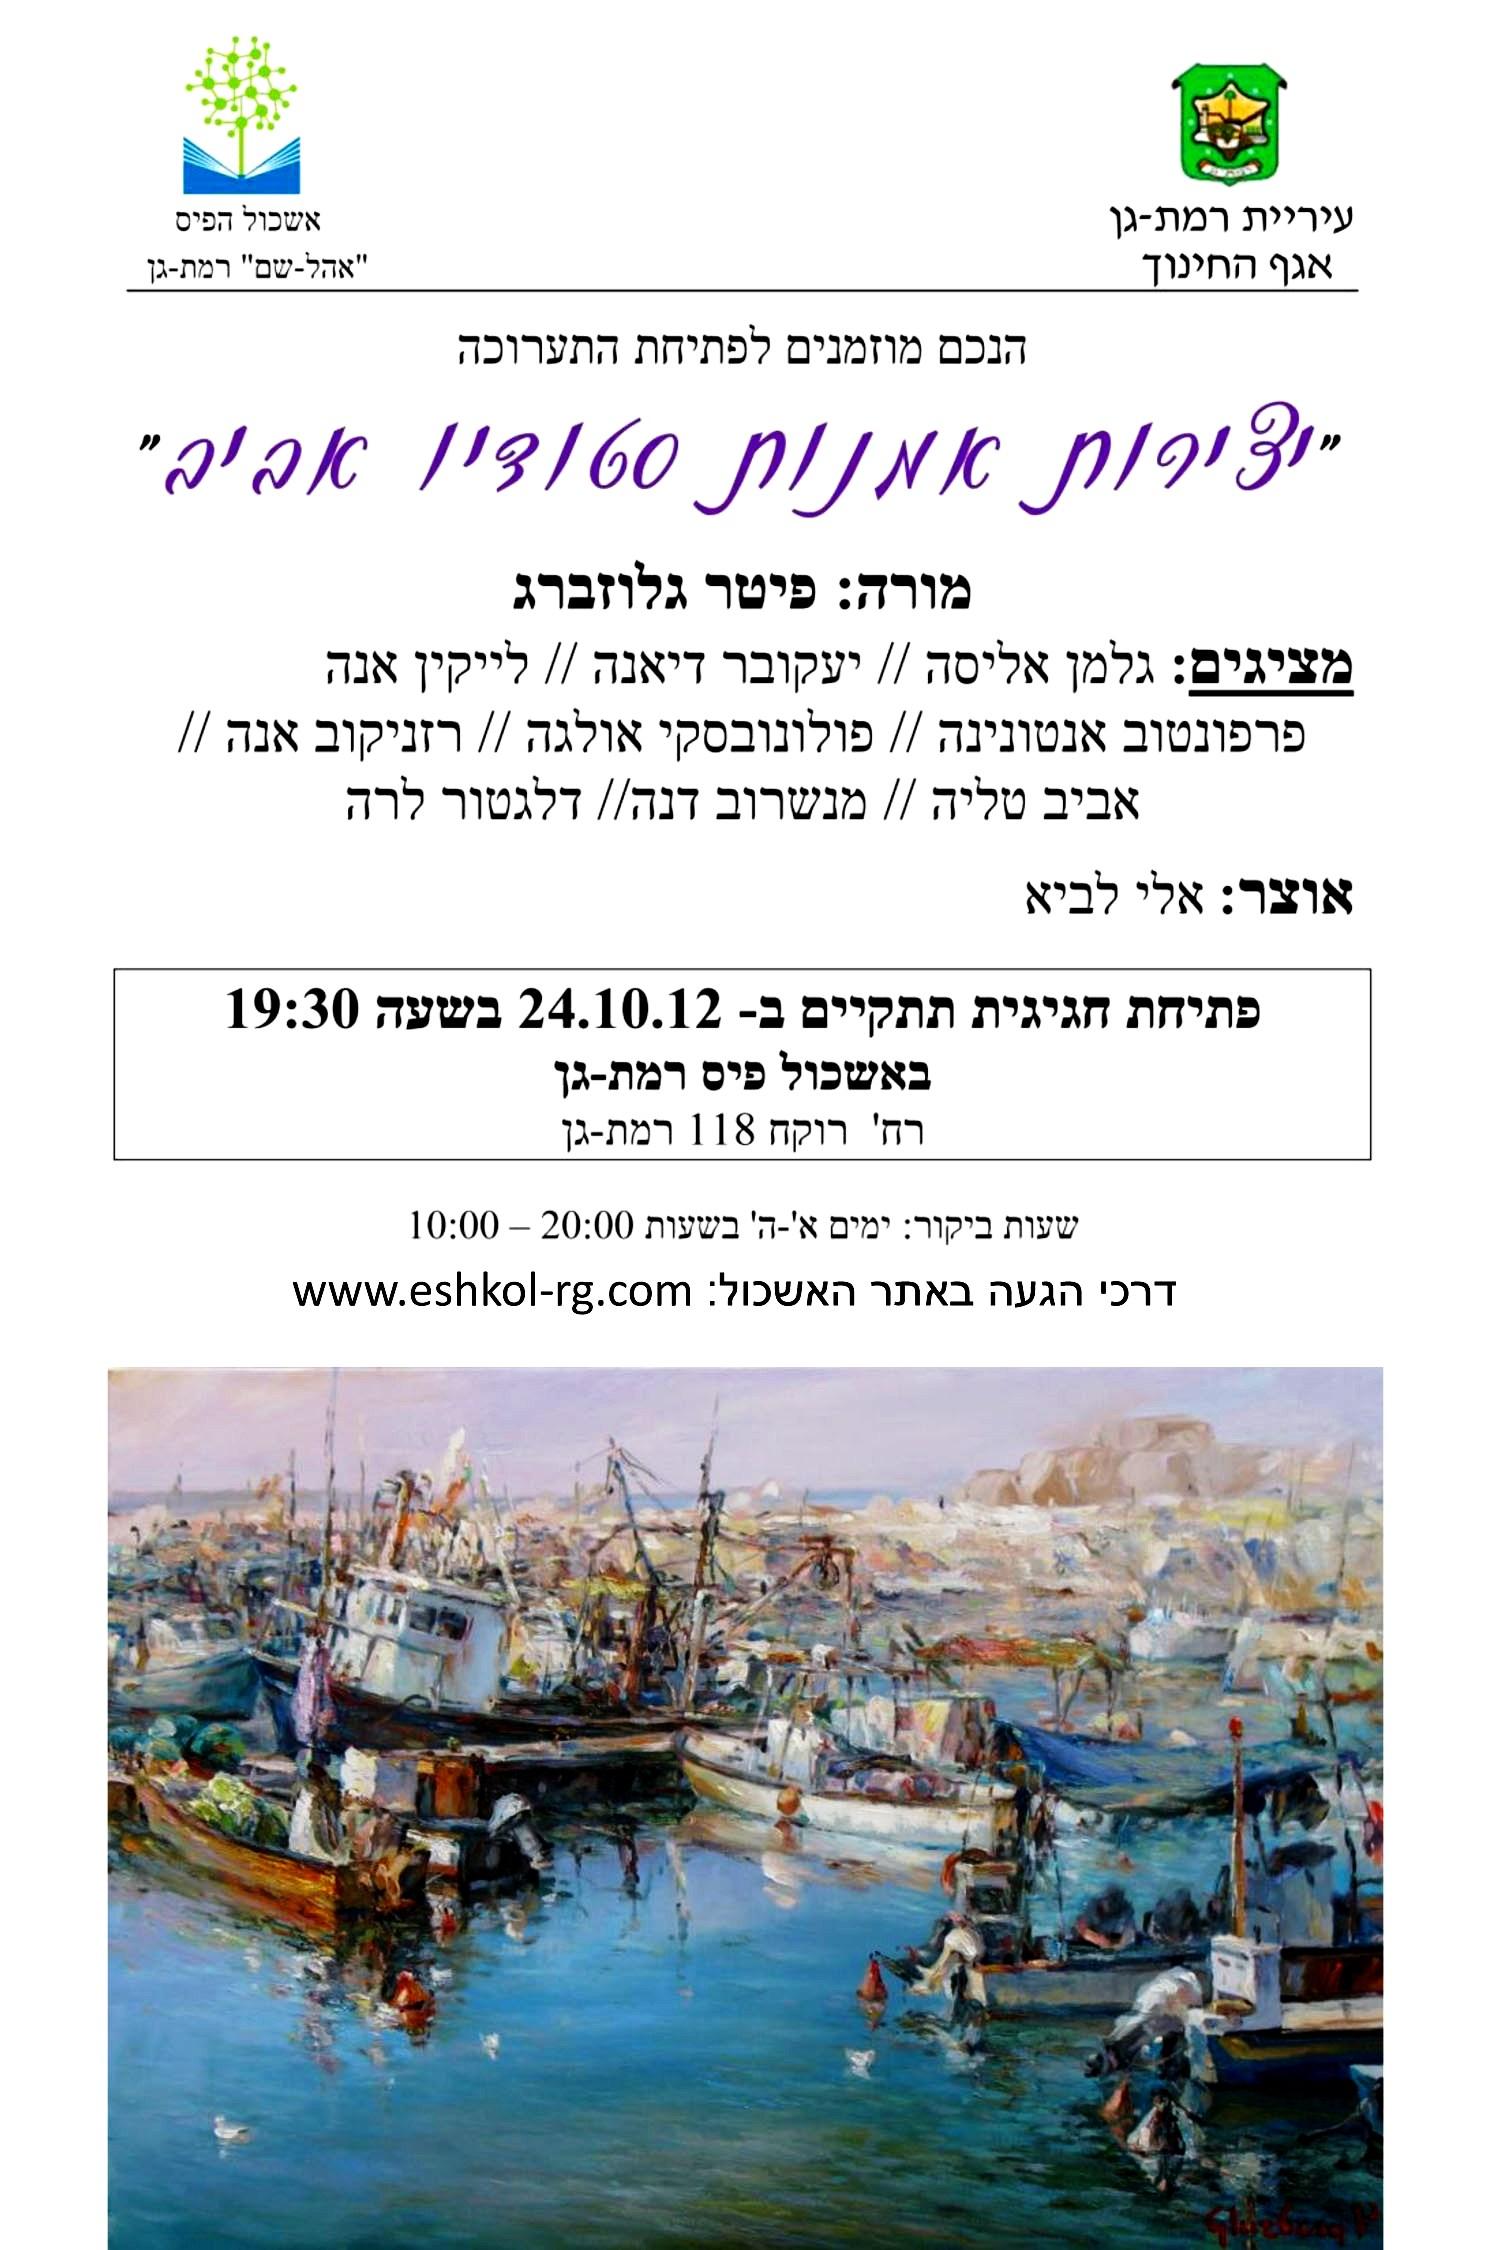 הזמנה לפתיחת תערוכת סטודיו אביב באשכול פיס רמת-גן